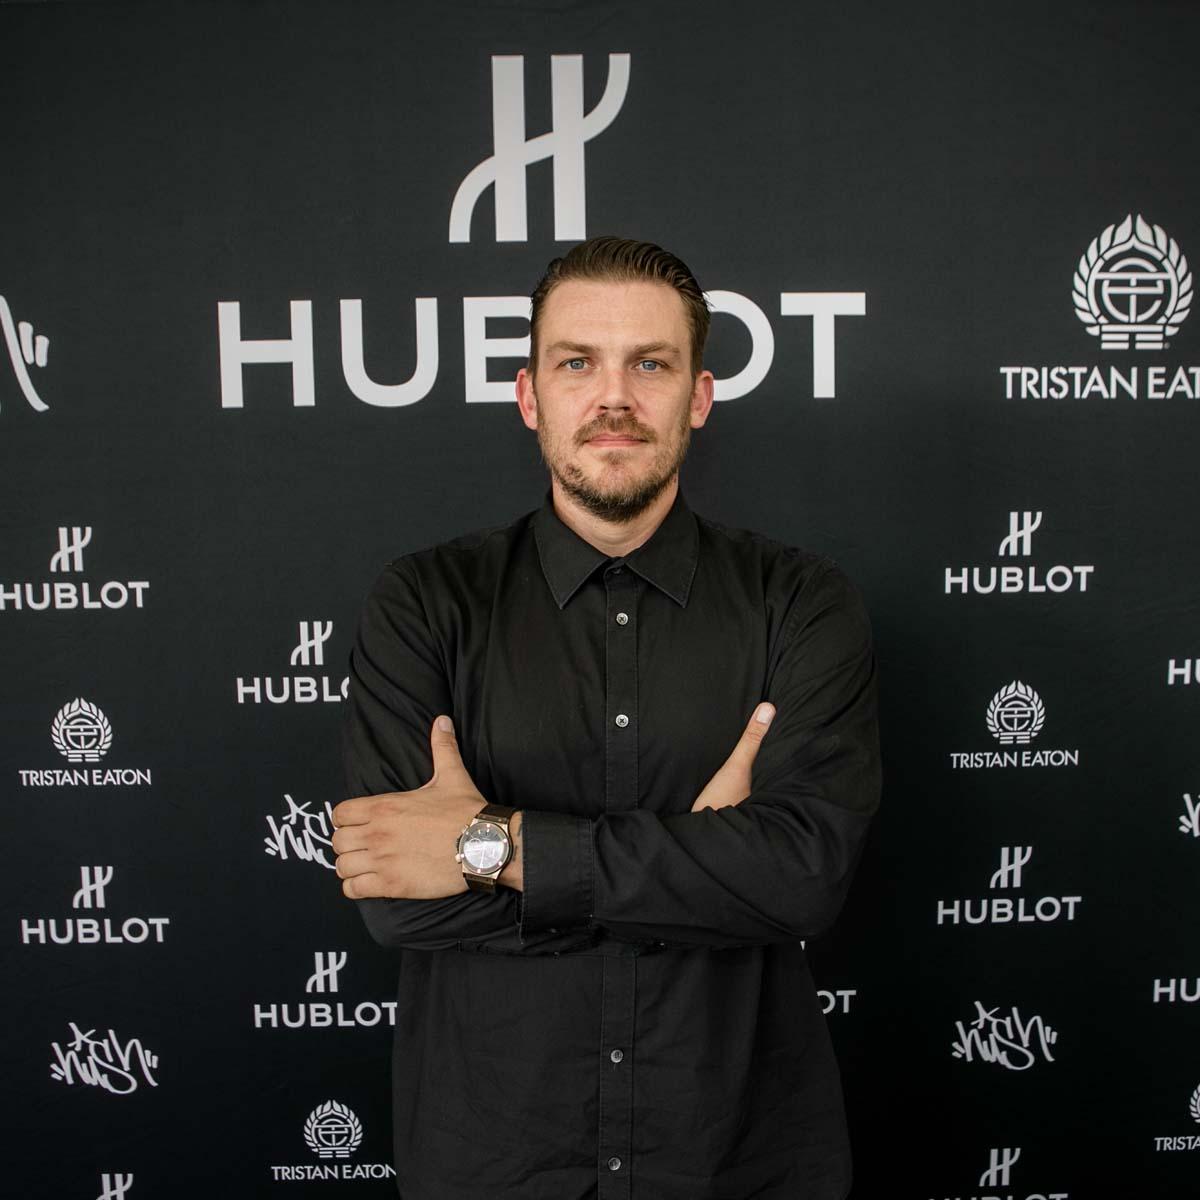 La Cote des Montres : Photo - Hublot s'associe aux artistes de rue Hush et Tristan Eaton Pour célébrer « Fame vs Fortune »